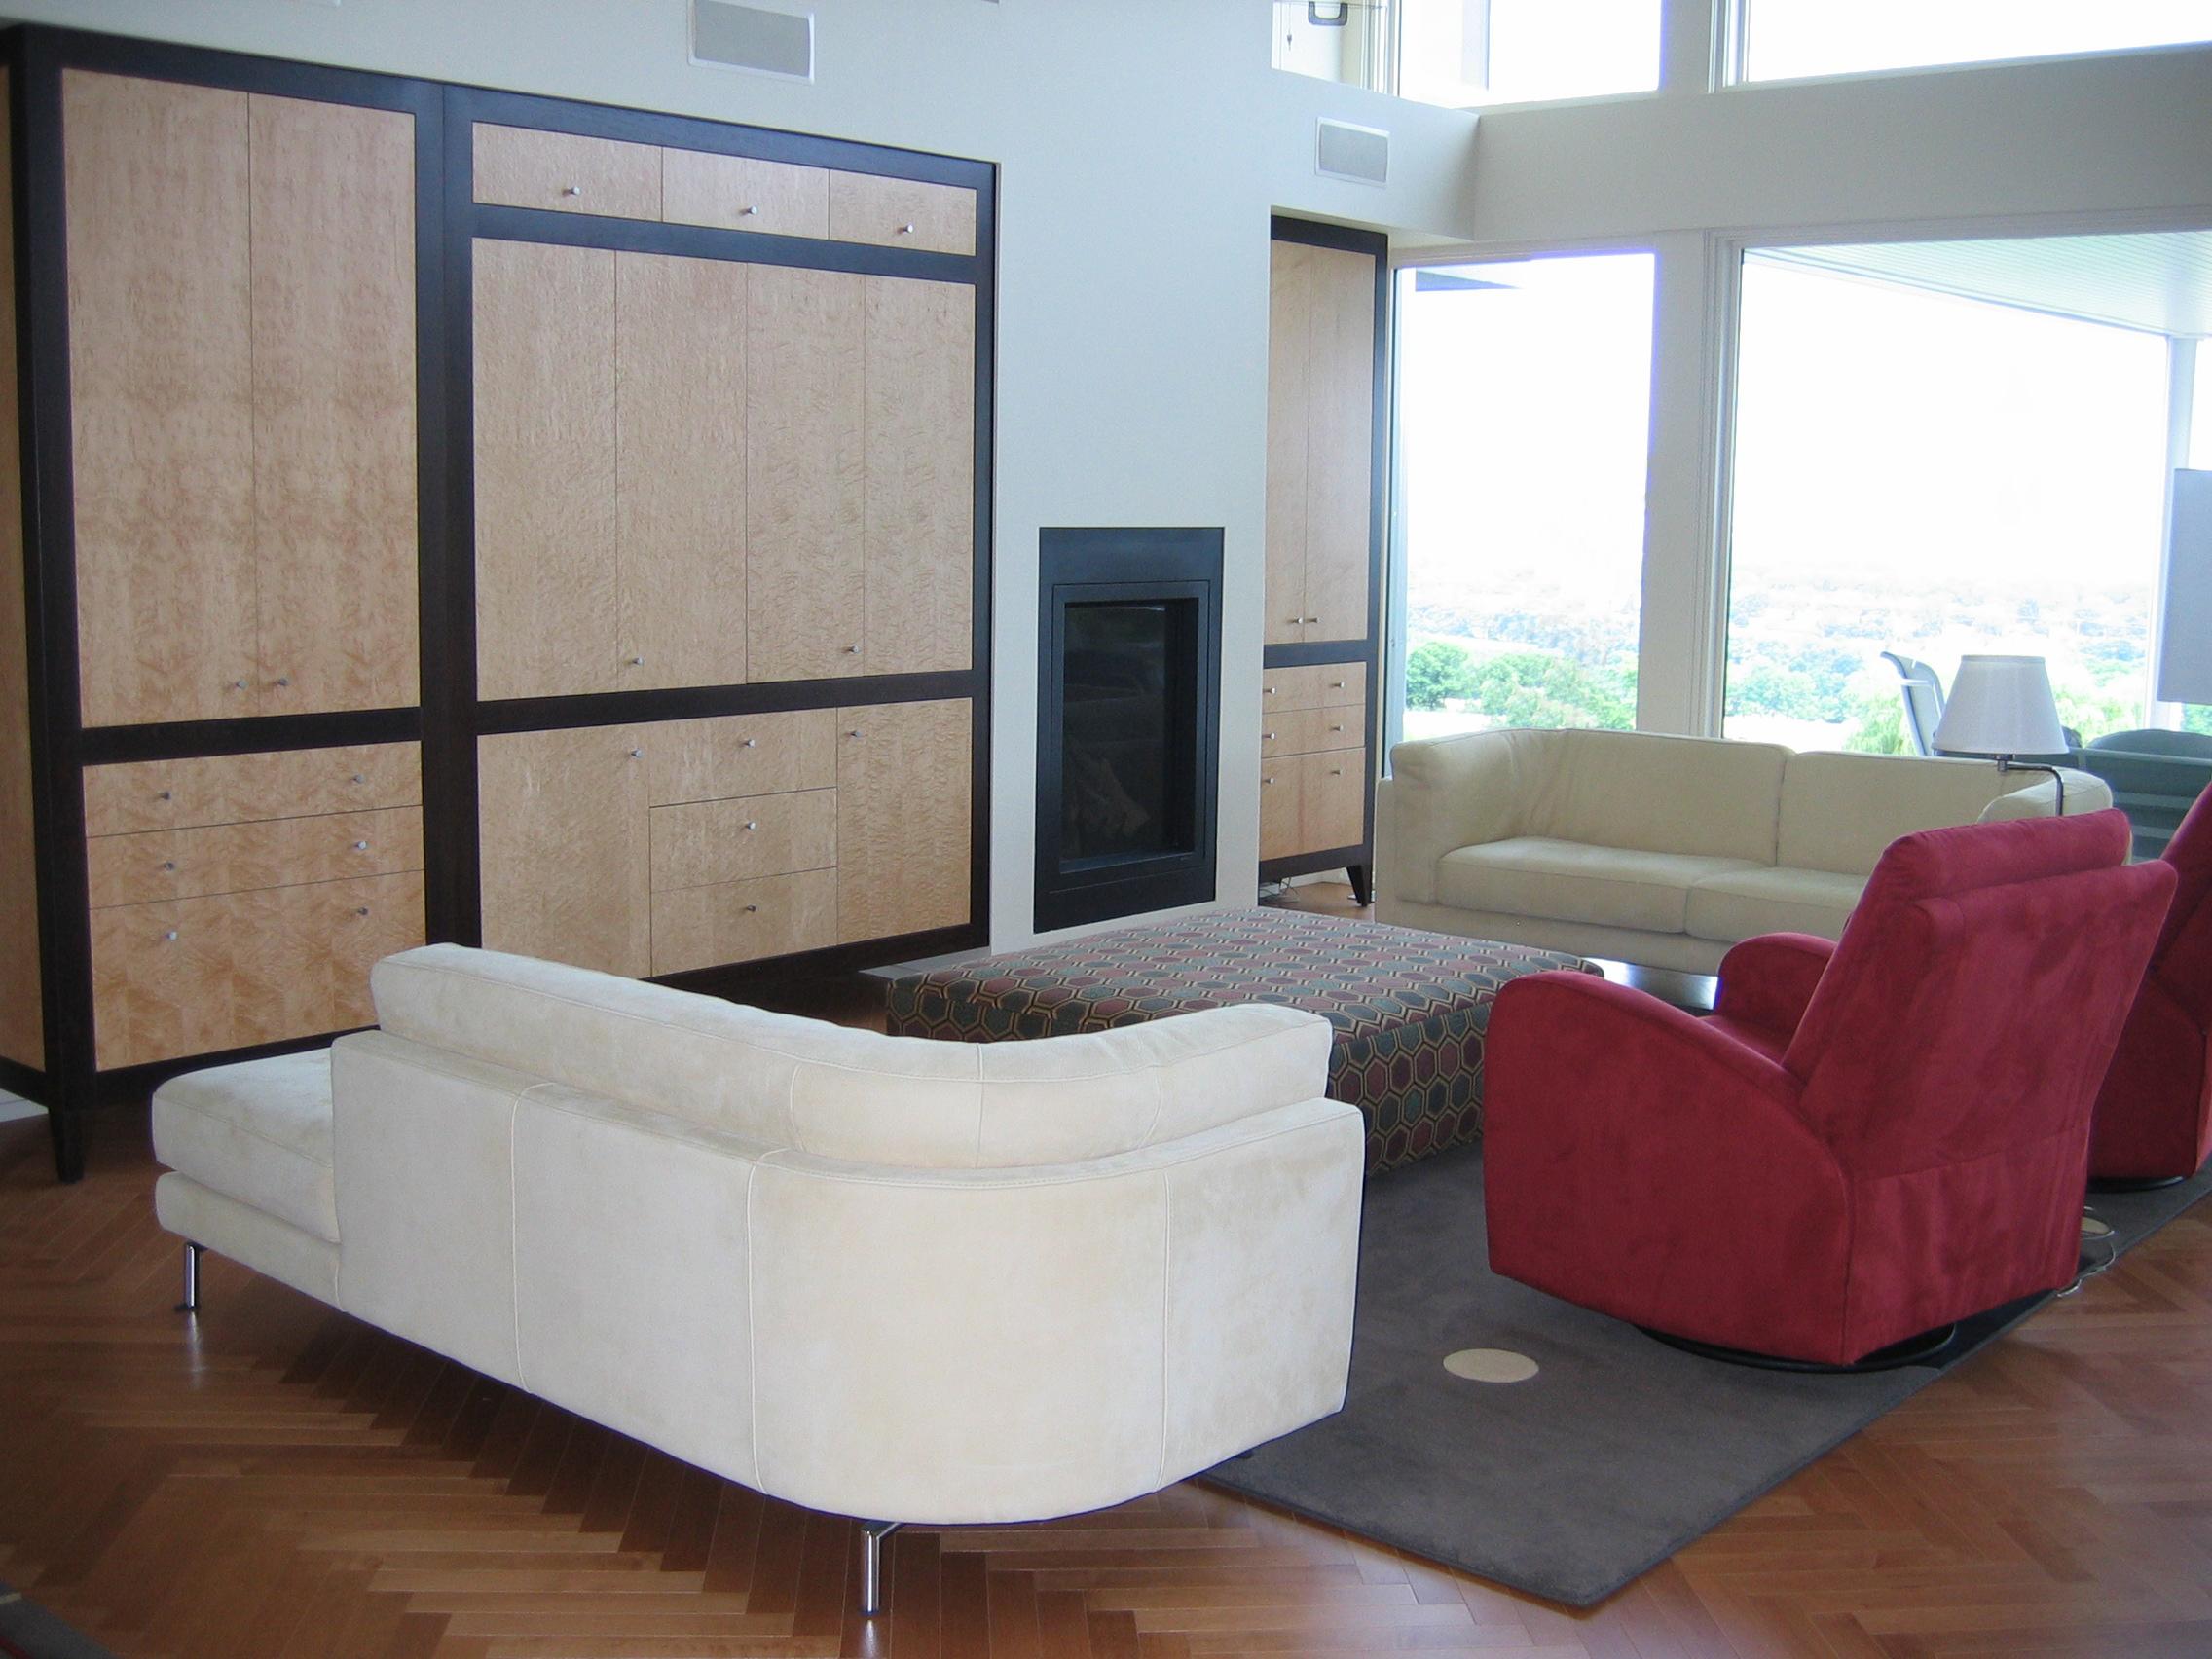 Freidman Living Room 1.jpg